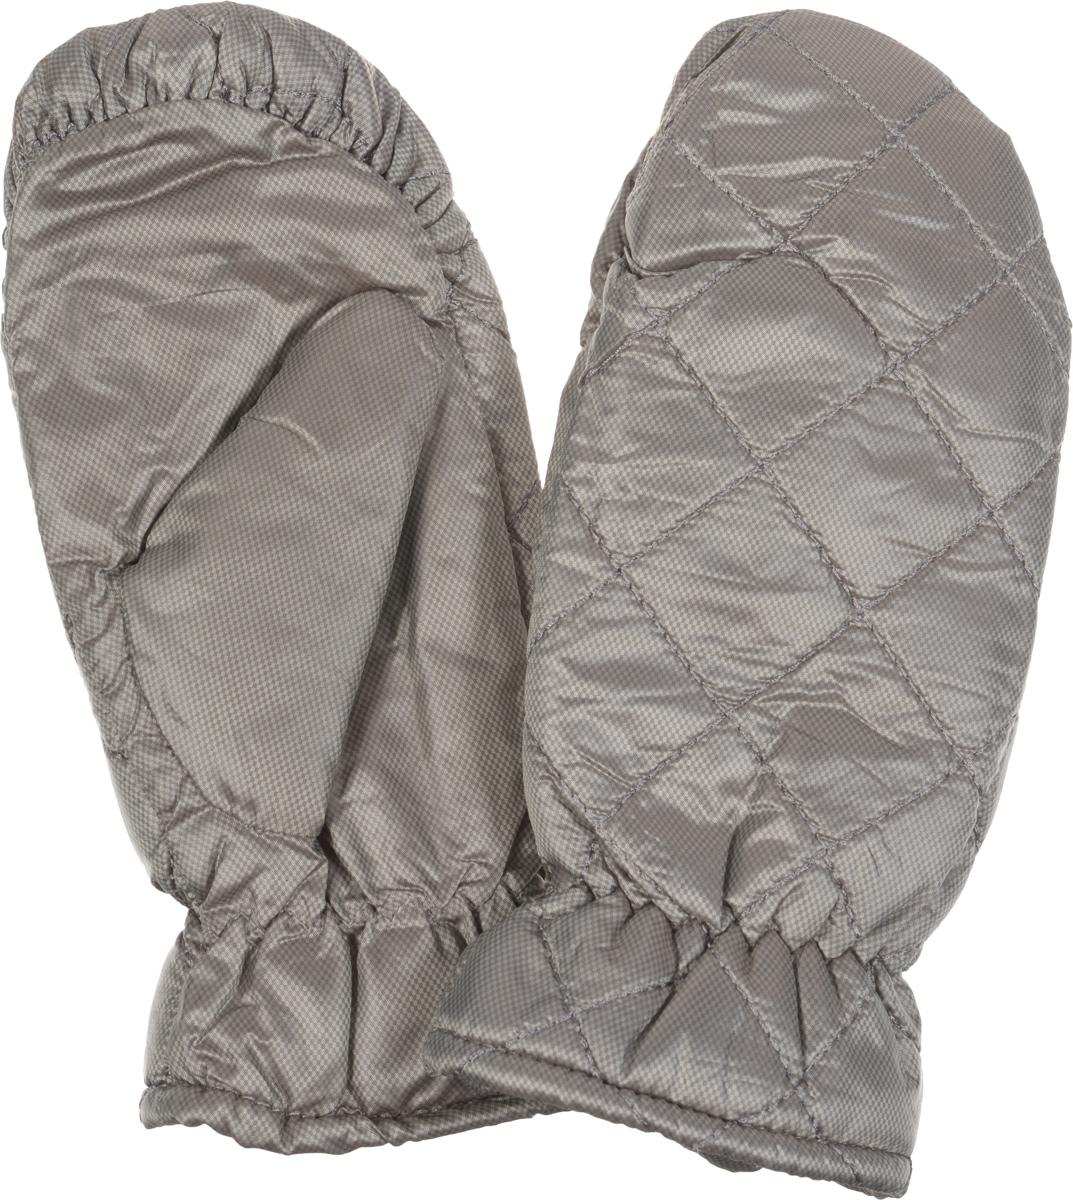 Рукавицы женские Modo, цвет: серо-коричневый. SD105. Размер M (7)SD105Рукавицы торговой марки Modo GRU защитят ваши руки от холода. Модель выполнена из 100% полиэстера с мягкой флисовой подкладкой внутри. Рукавицы хорошо сохраняют тепло, мягкие, идеально сидят на руке и не промокнут при носки. Манжеты на резинке. Декорированы рукавицы стегаными строчками на лицевой стороне. В таких оригинальных варежках вам будет тепло и уютно.